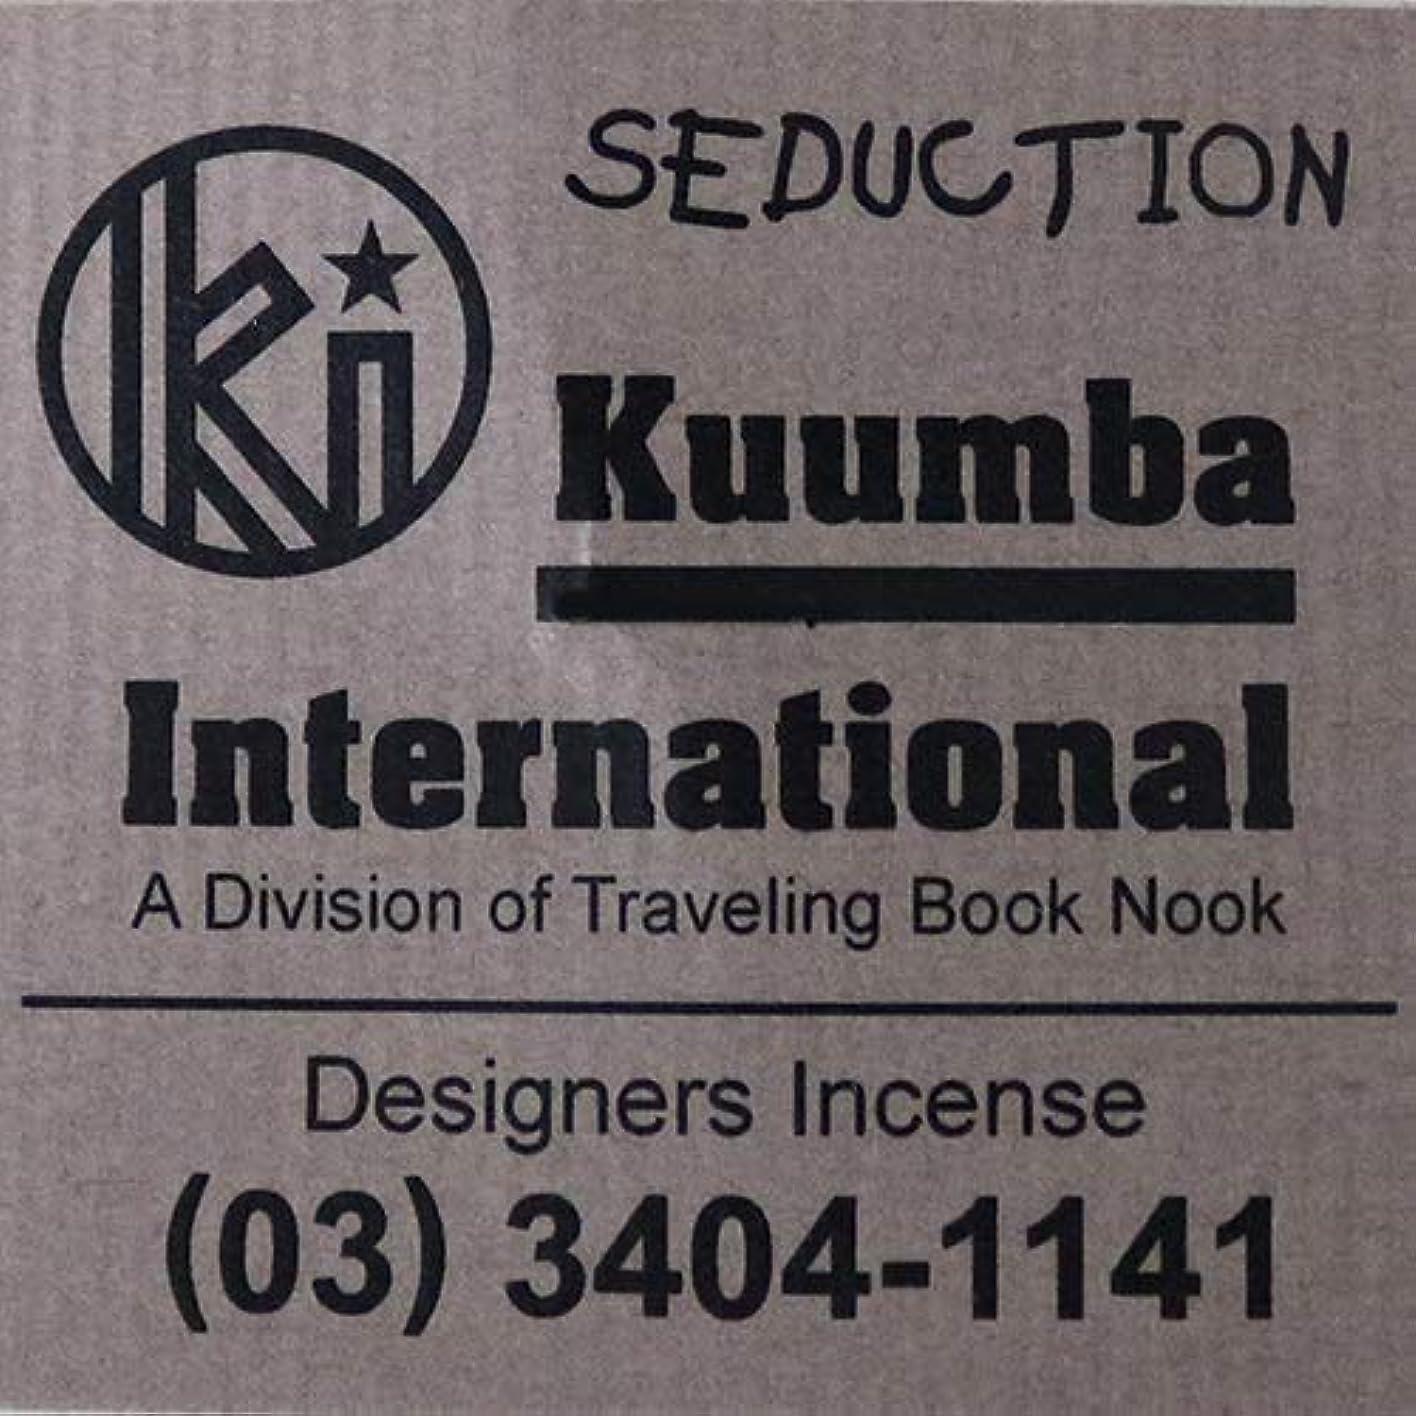 後悔アレキサンダーグラハムベル分類(クンバ) KUUMBA『incense』(SEDUCTION) (SEDUCTION, Regular size)